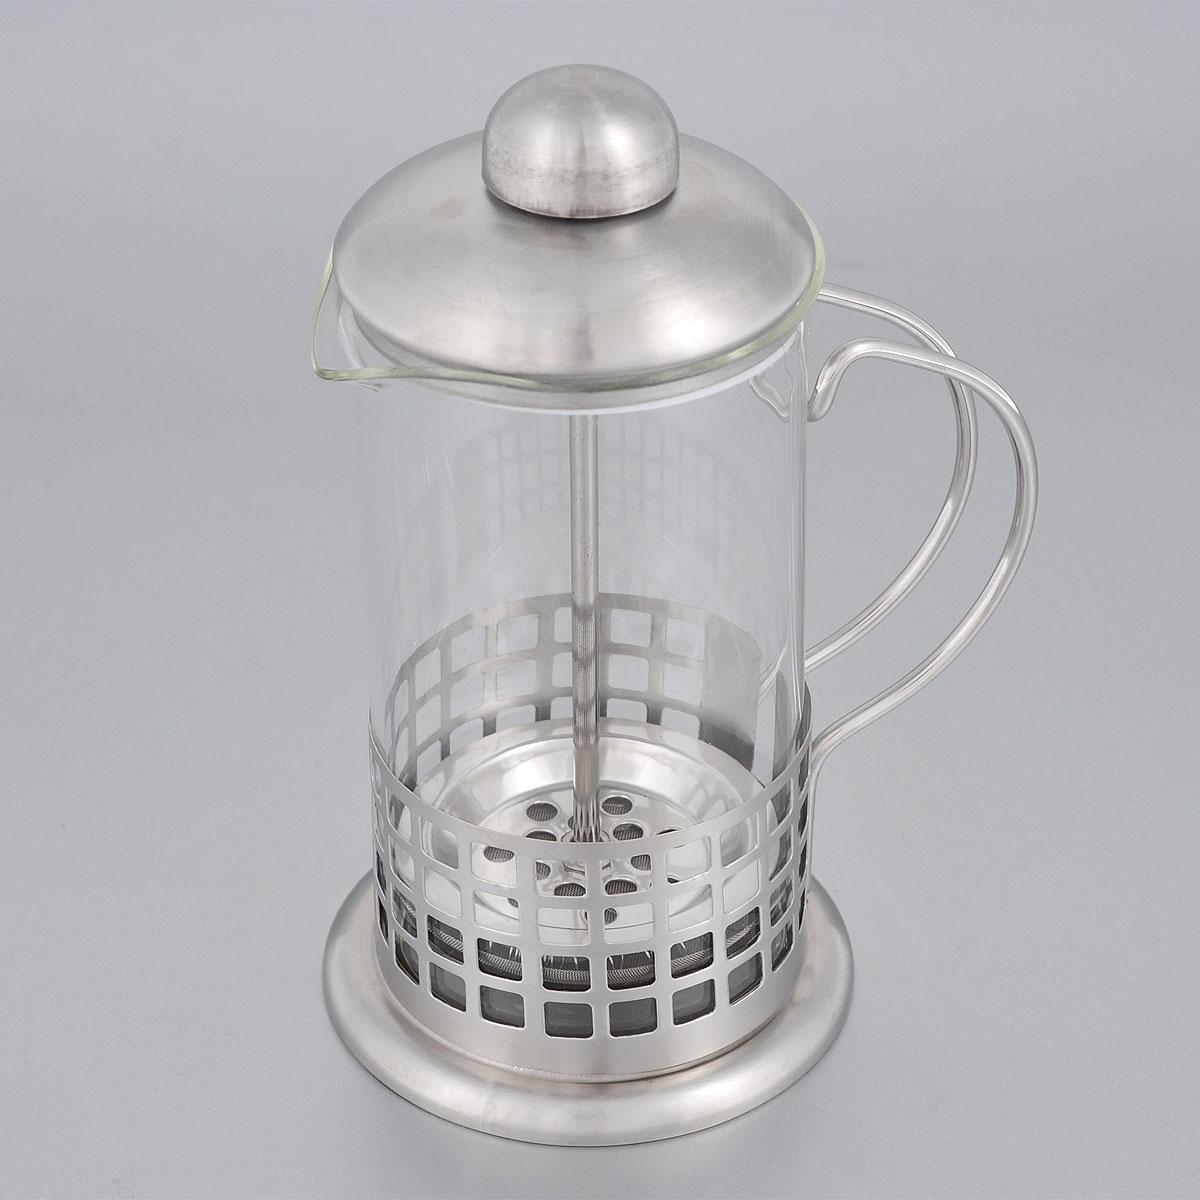 Френч-пресс Bohmann, 350 мл. 9535BH9535BHФренч-пресс Bohmann выполнен из нержавеющей стали и стекла. Отлично подходит для заваривания любых сортов кофе, без проблем справится с любым помолом кофе. Помимо кофе, во френч-прессе можно заварить чай. Наружная крышка из нержавеющей стали. Подходит для использования в посудомоечной машине.Объем: 350 мл.Диаметр (по верхнему краю): 7,5 смВысота: 18 см